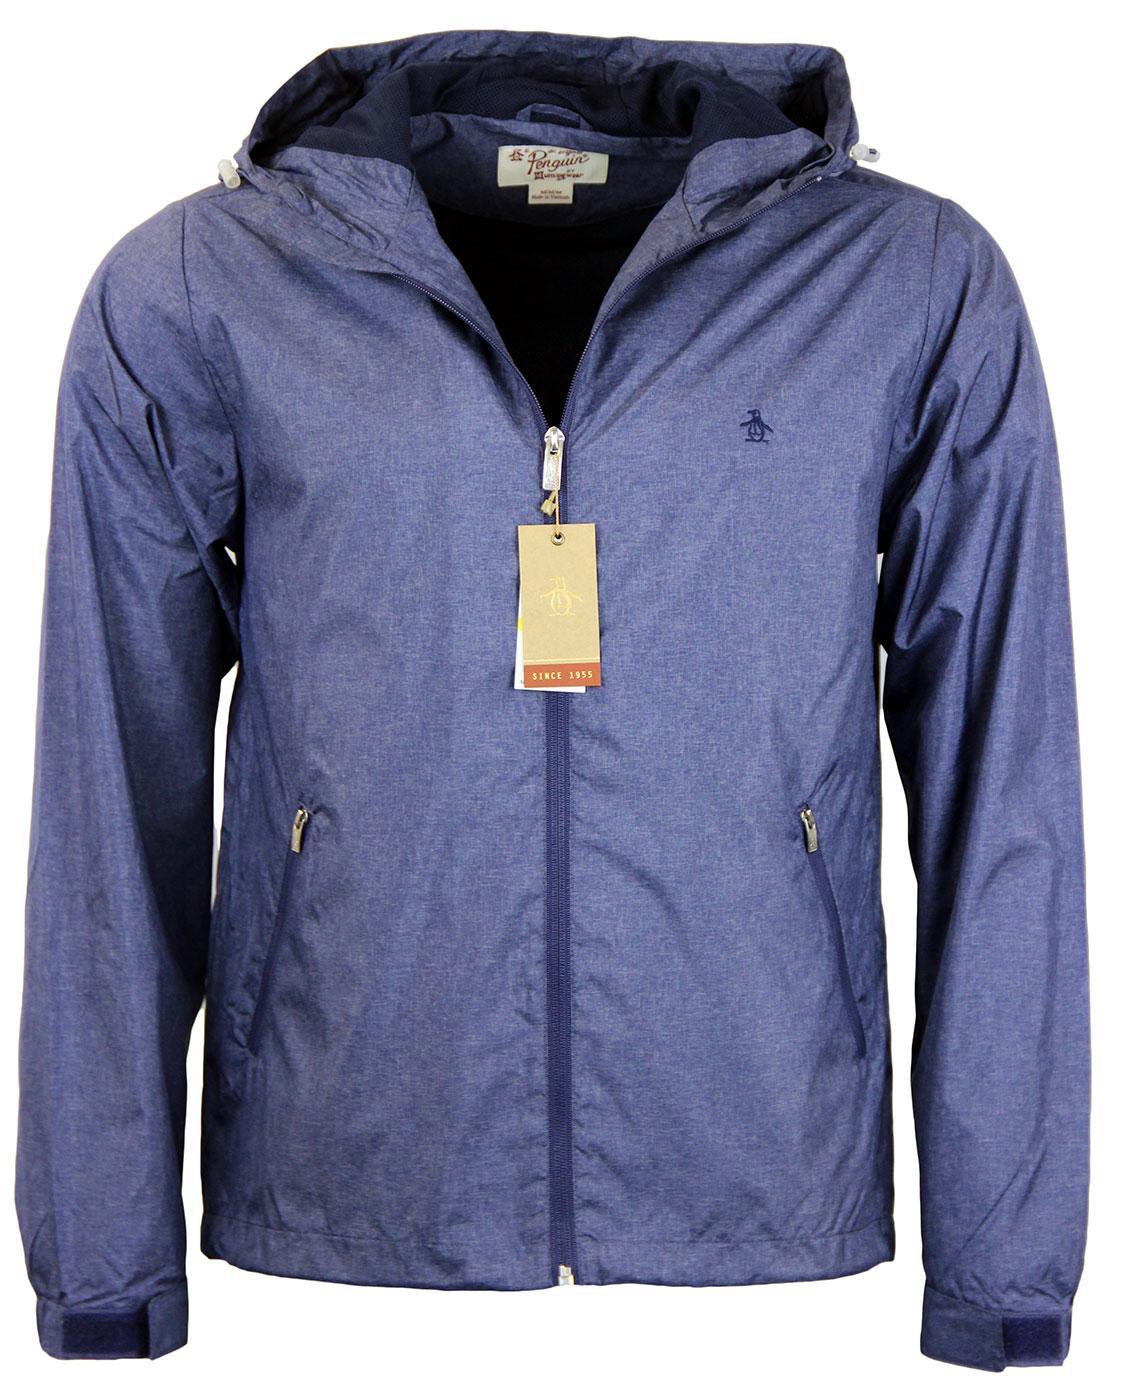 Melange Ratner ORIGINAL PENGUIN Hooded Jacket